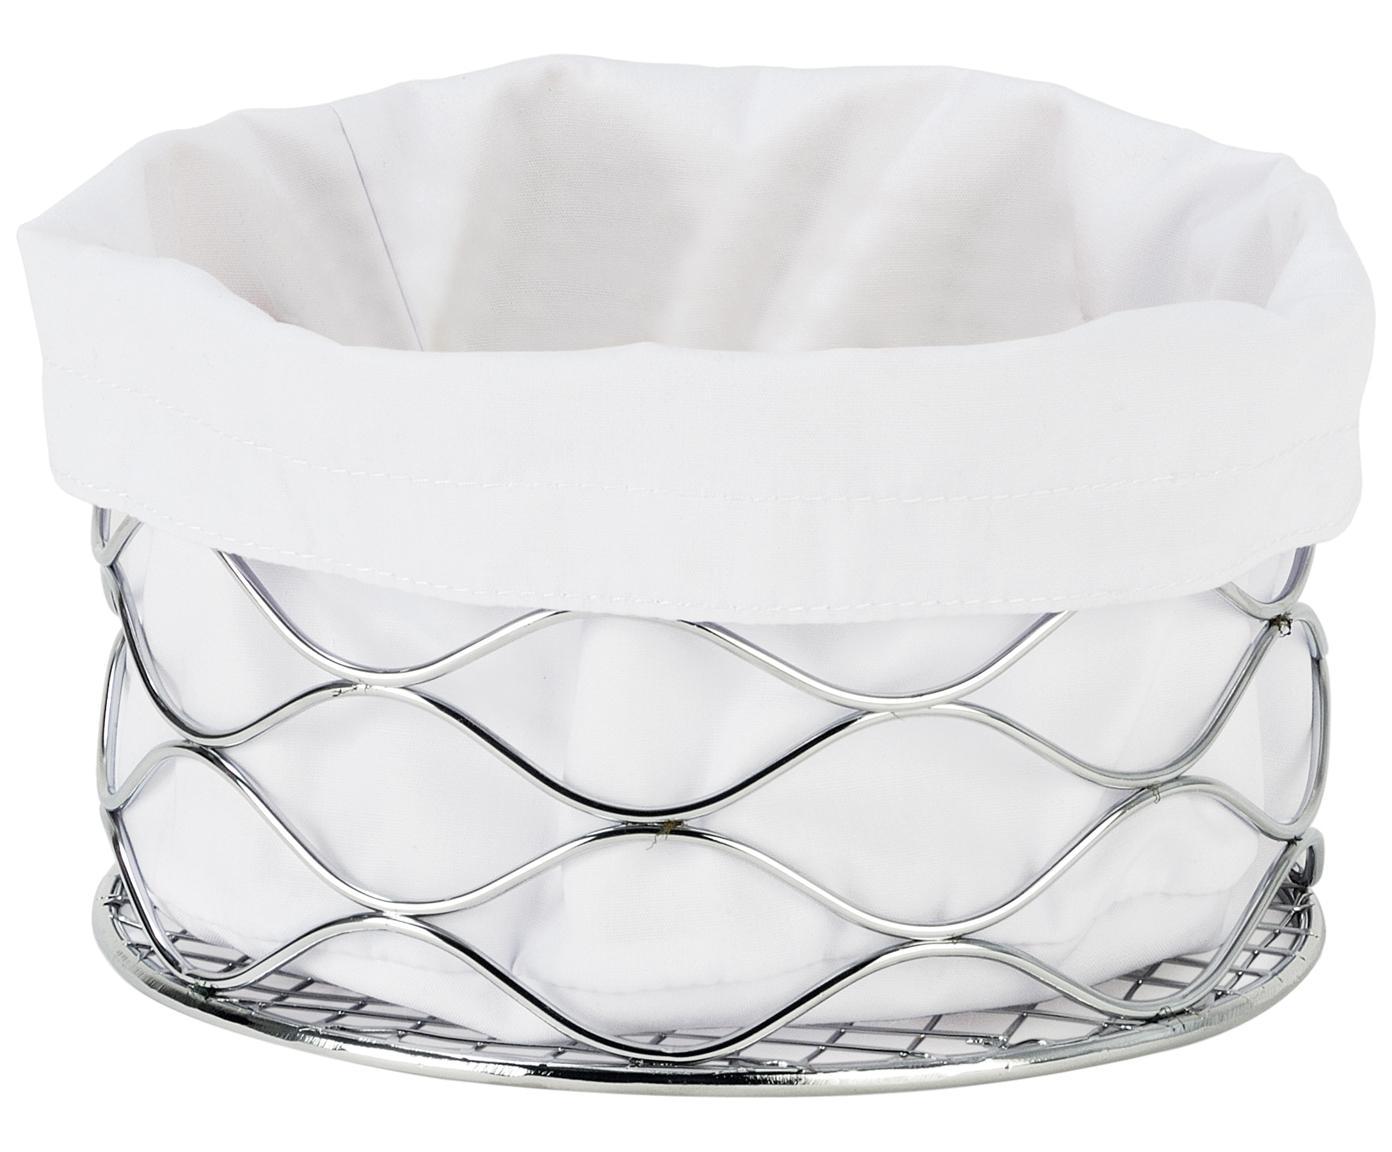 Broodmandje Alana met afneembaar tas, Broodmand: Metaal, verchroomd, Stoffen zak: 100% katoen, Zilverkleurig, wit, Ø 21 x H 11 cm